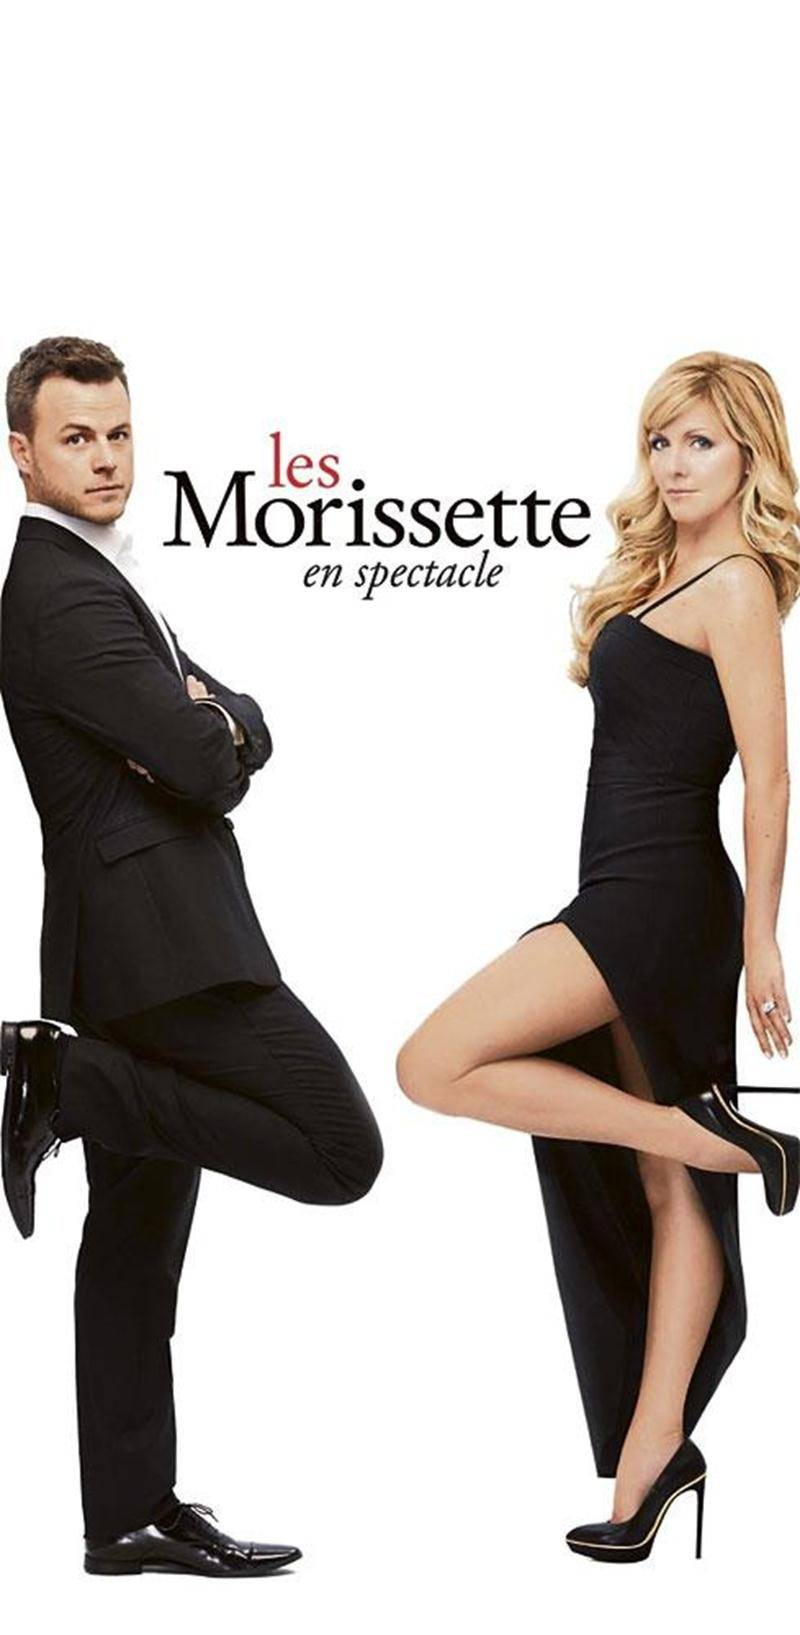 Véronique Cloutier et Louis Morissette prendront d'assaut les salles de spectacle québécoises pour présenter leur premier spectacle humoristique <em>Les Morissette</em> dès l'été prochain.